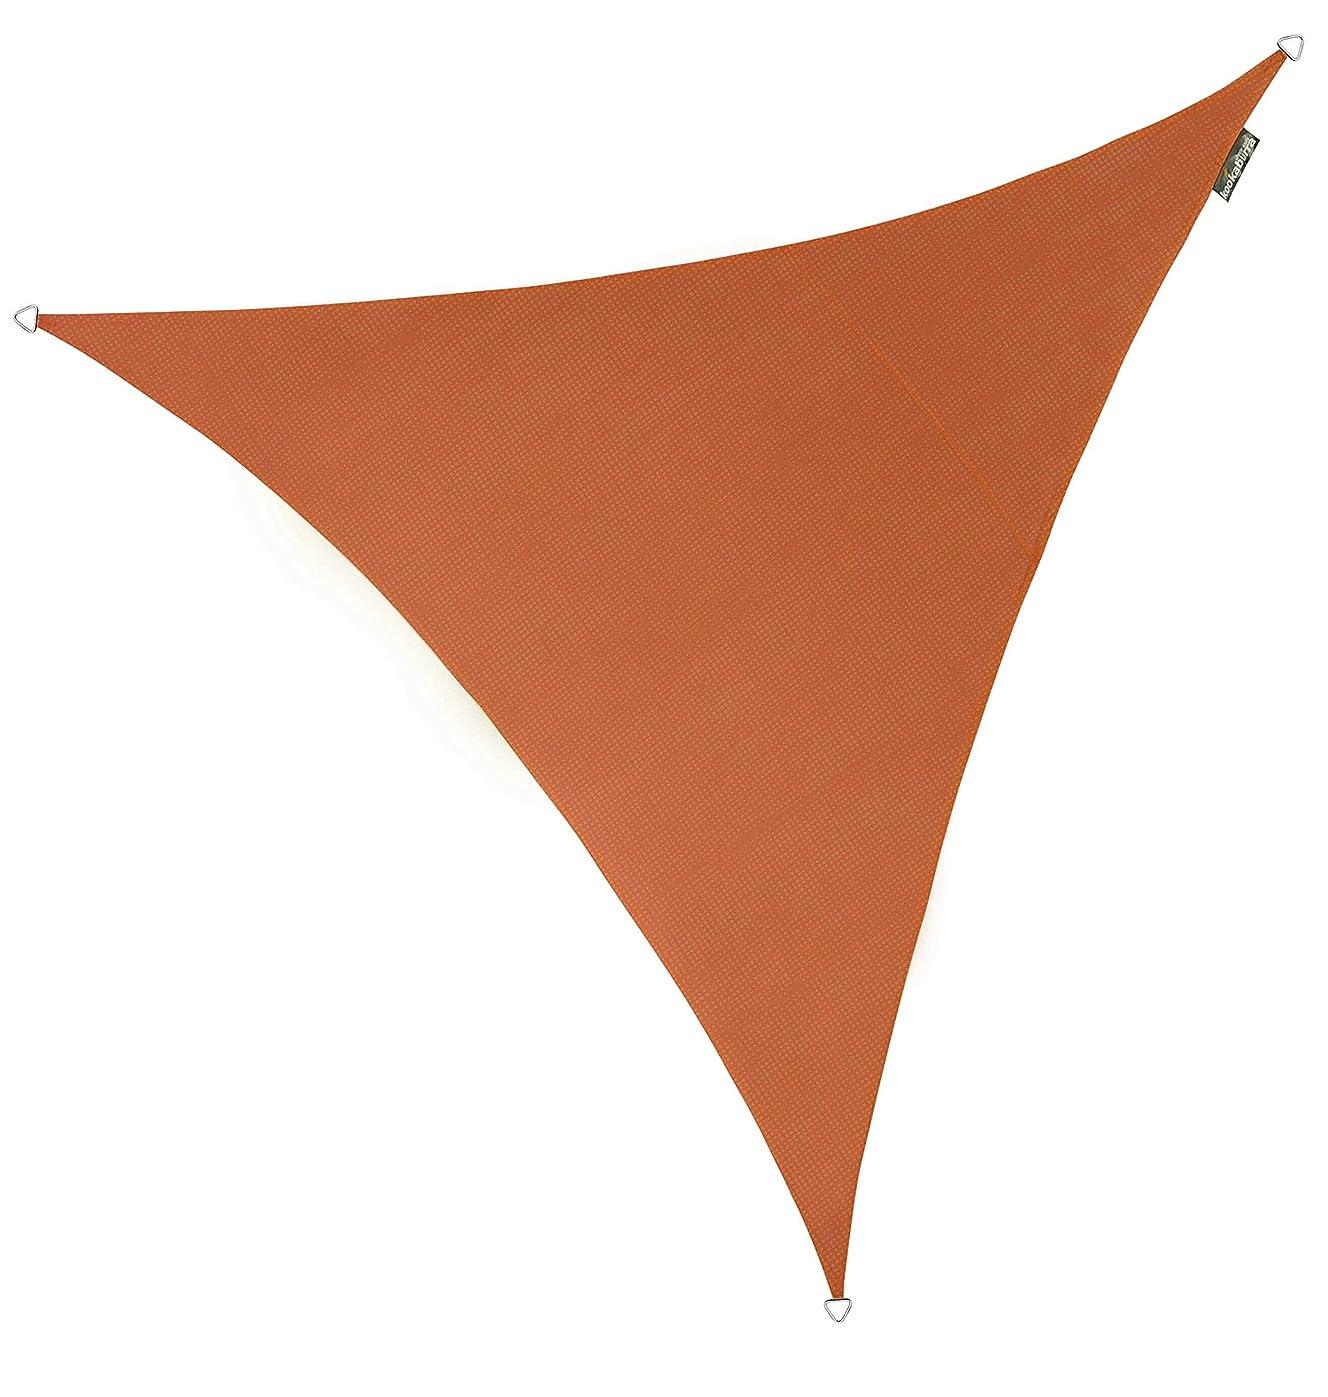 一生健康的かけがえのないクッカバラ 赤褐色通気性日除けシェードセイル(ニット織) - 紫外線93.3%カット - OL0120SST (3m正三角形)